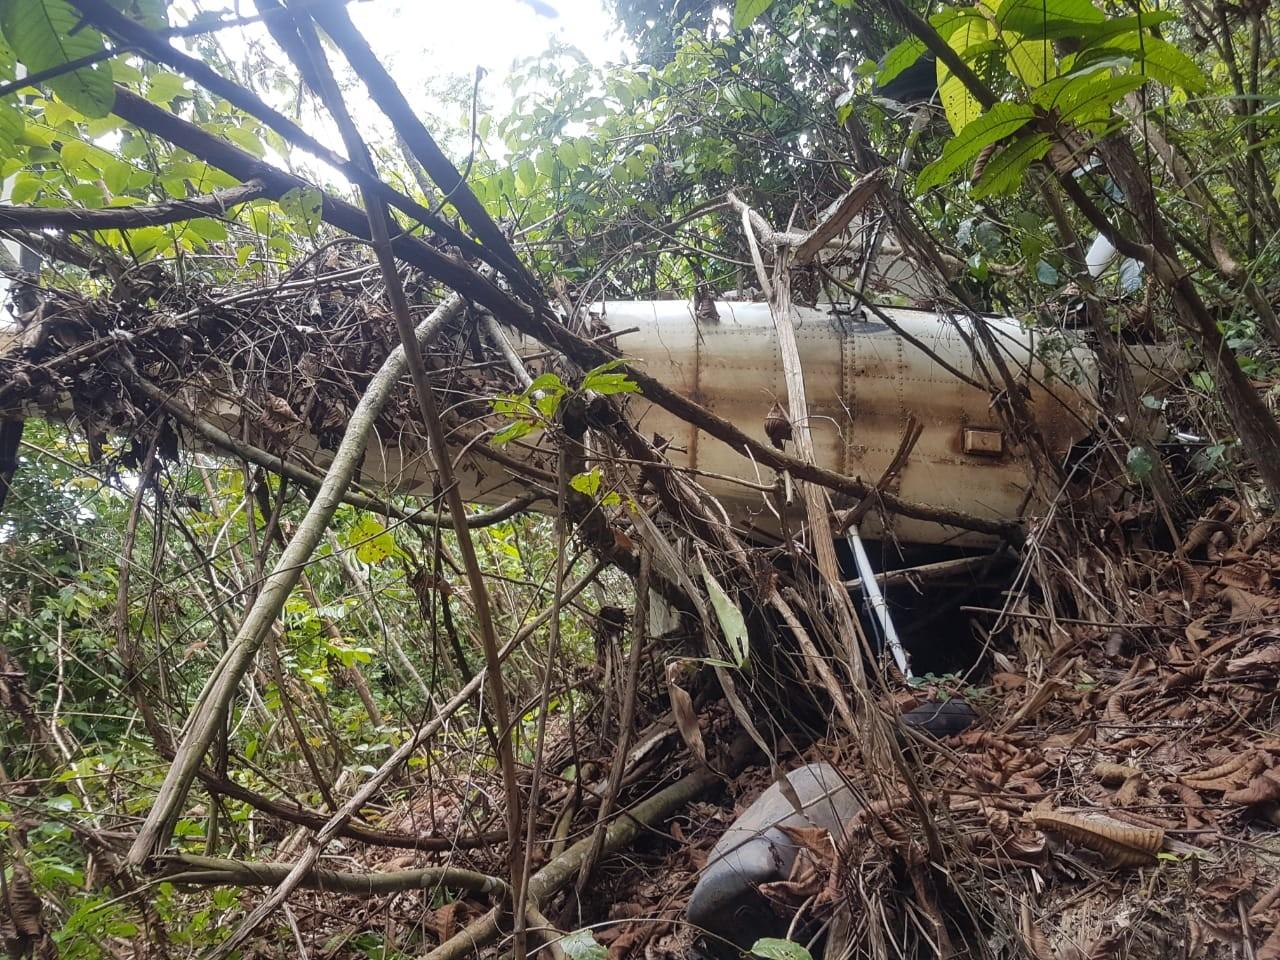 Avião desaparecido há 4 meses é encontrado em área de garimpo no PA; corpo de piloto é removido - Notícias - Plantão Diário